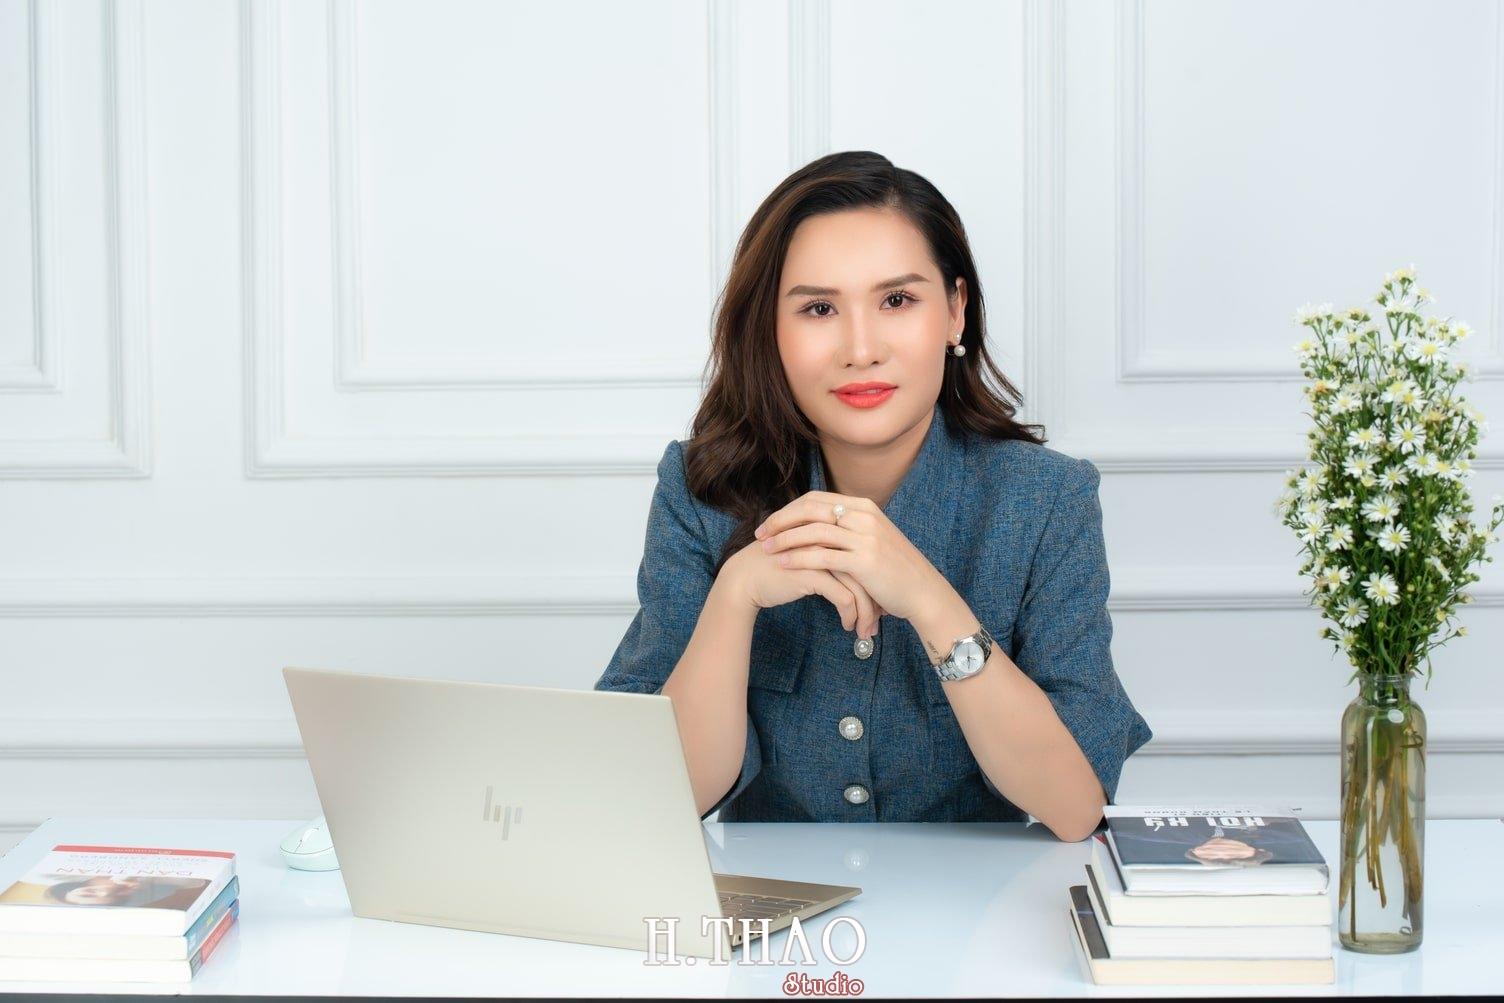 Doanh nhan nu 5 - Ảnh nữ doanh nhân bất động sản, phó TGĐ Express Ms.Nho – HThao Studio